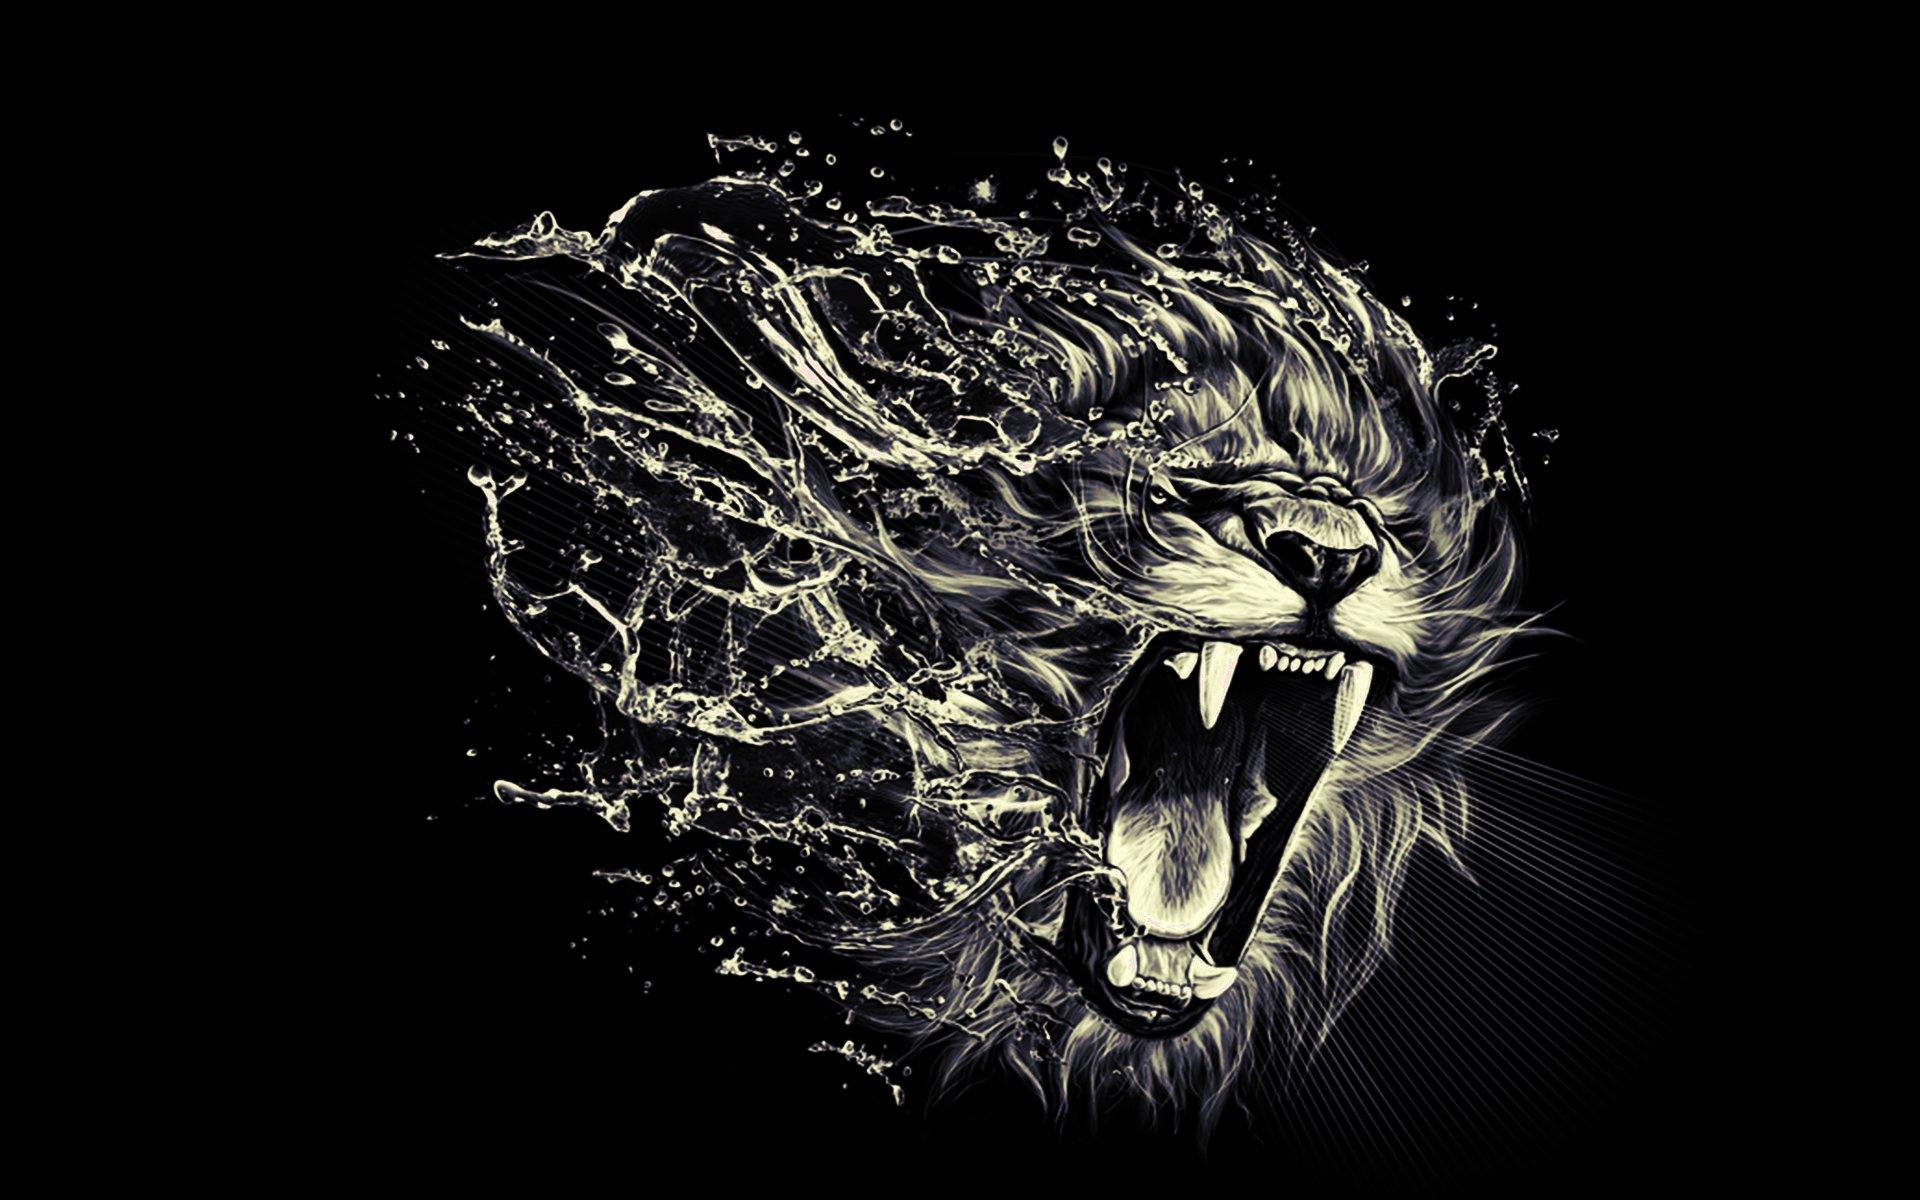 Roaring Lion Wallpaper - WallpaperSafari